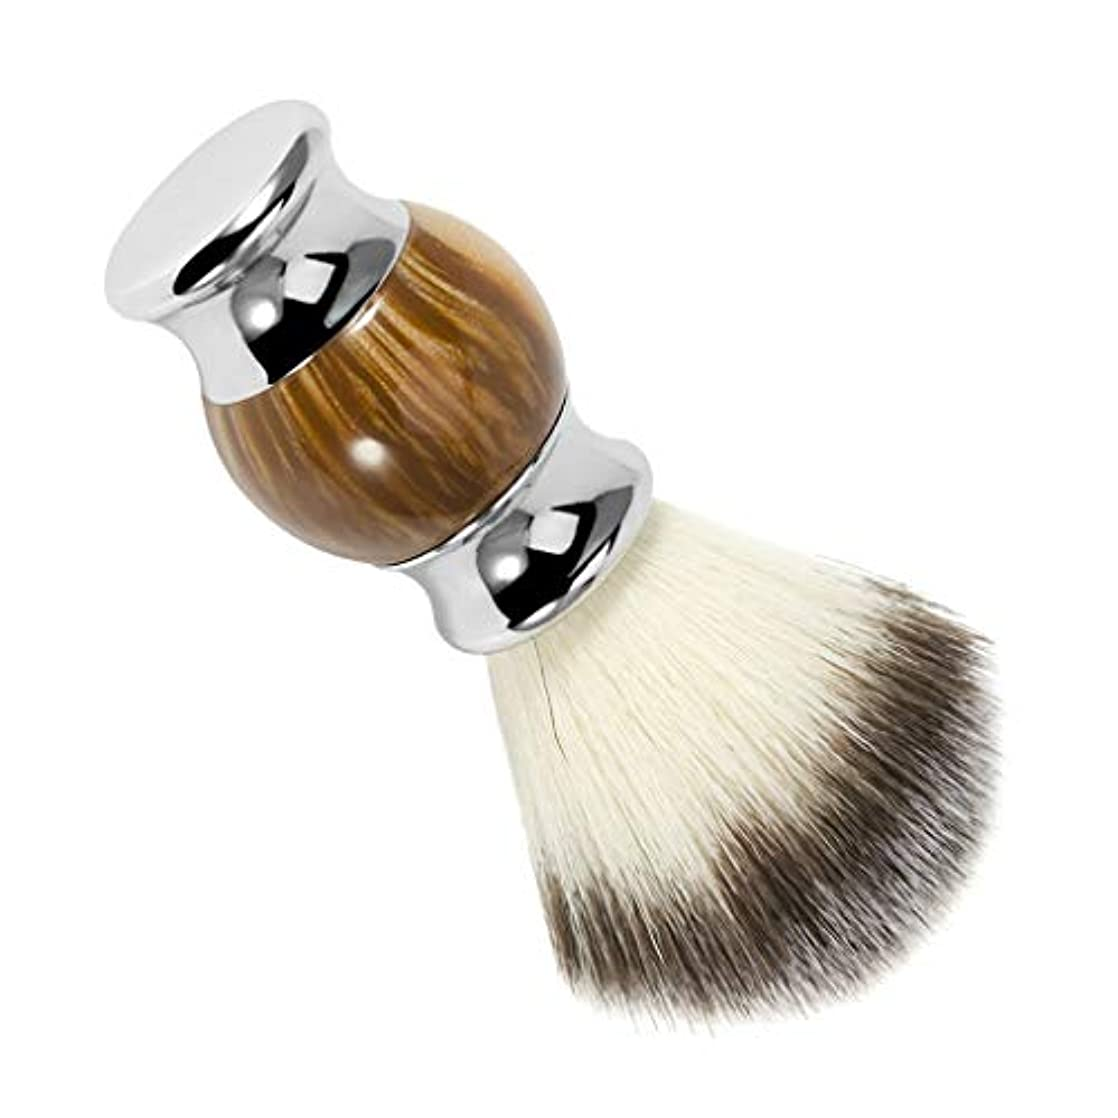 我慢するピカリングブラウスひげ剃りブラシ シェービングブラシ メンズ 髭剃り プロフェッショナル ひげ剃り 美容ツール